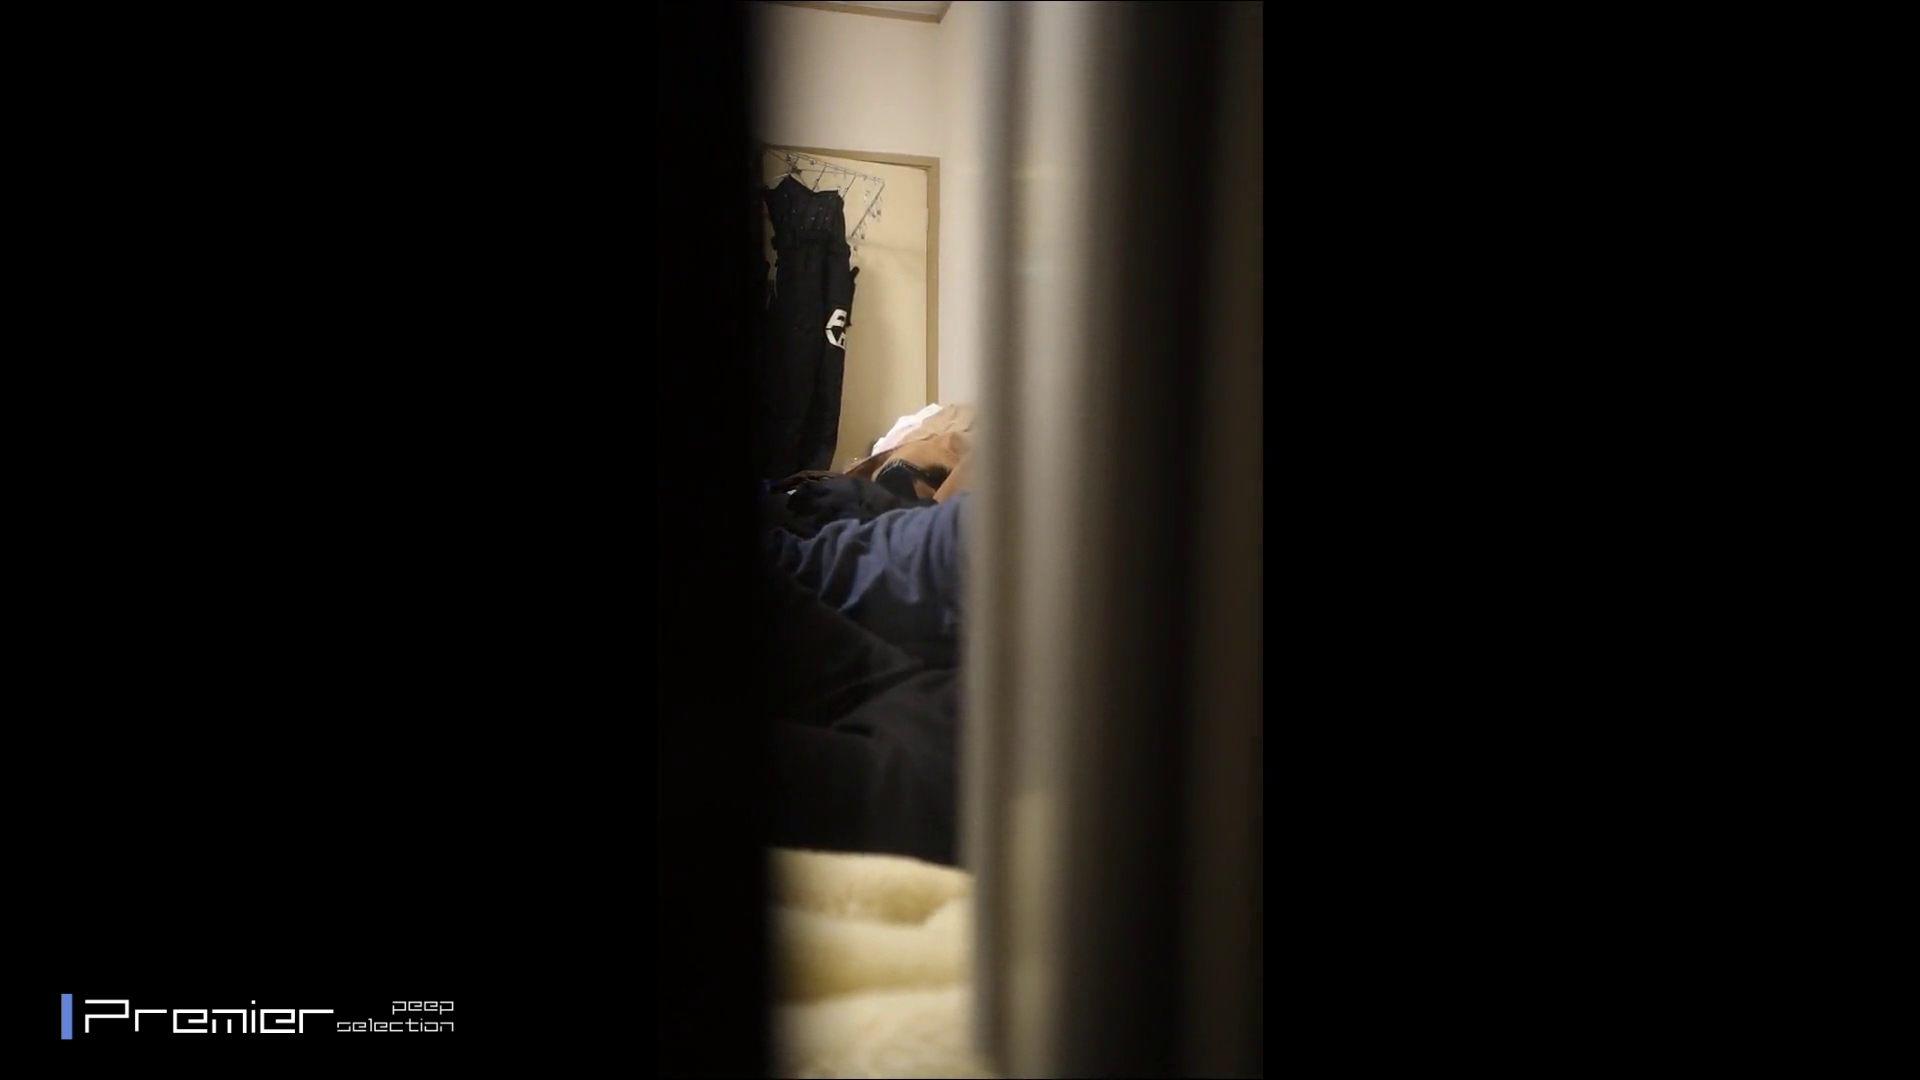 美女達の私生活に潜入!★永久保存版★2組の超美人JDカップル リアルSEX完全版 美女 覗きぱこり動画紹介 23pic 2